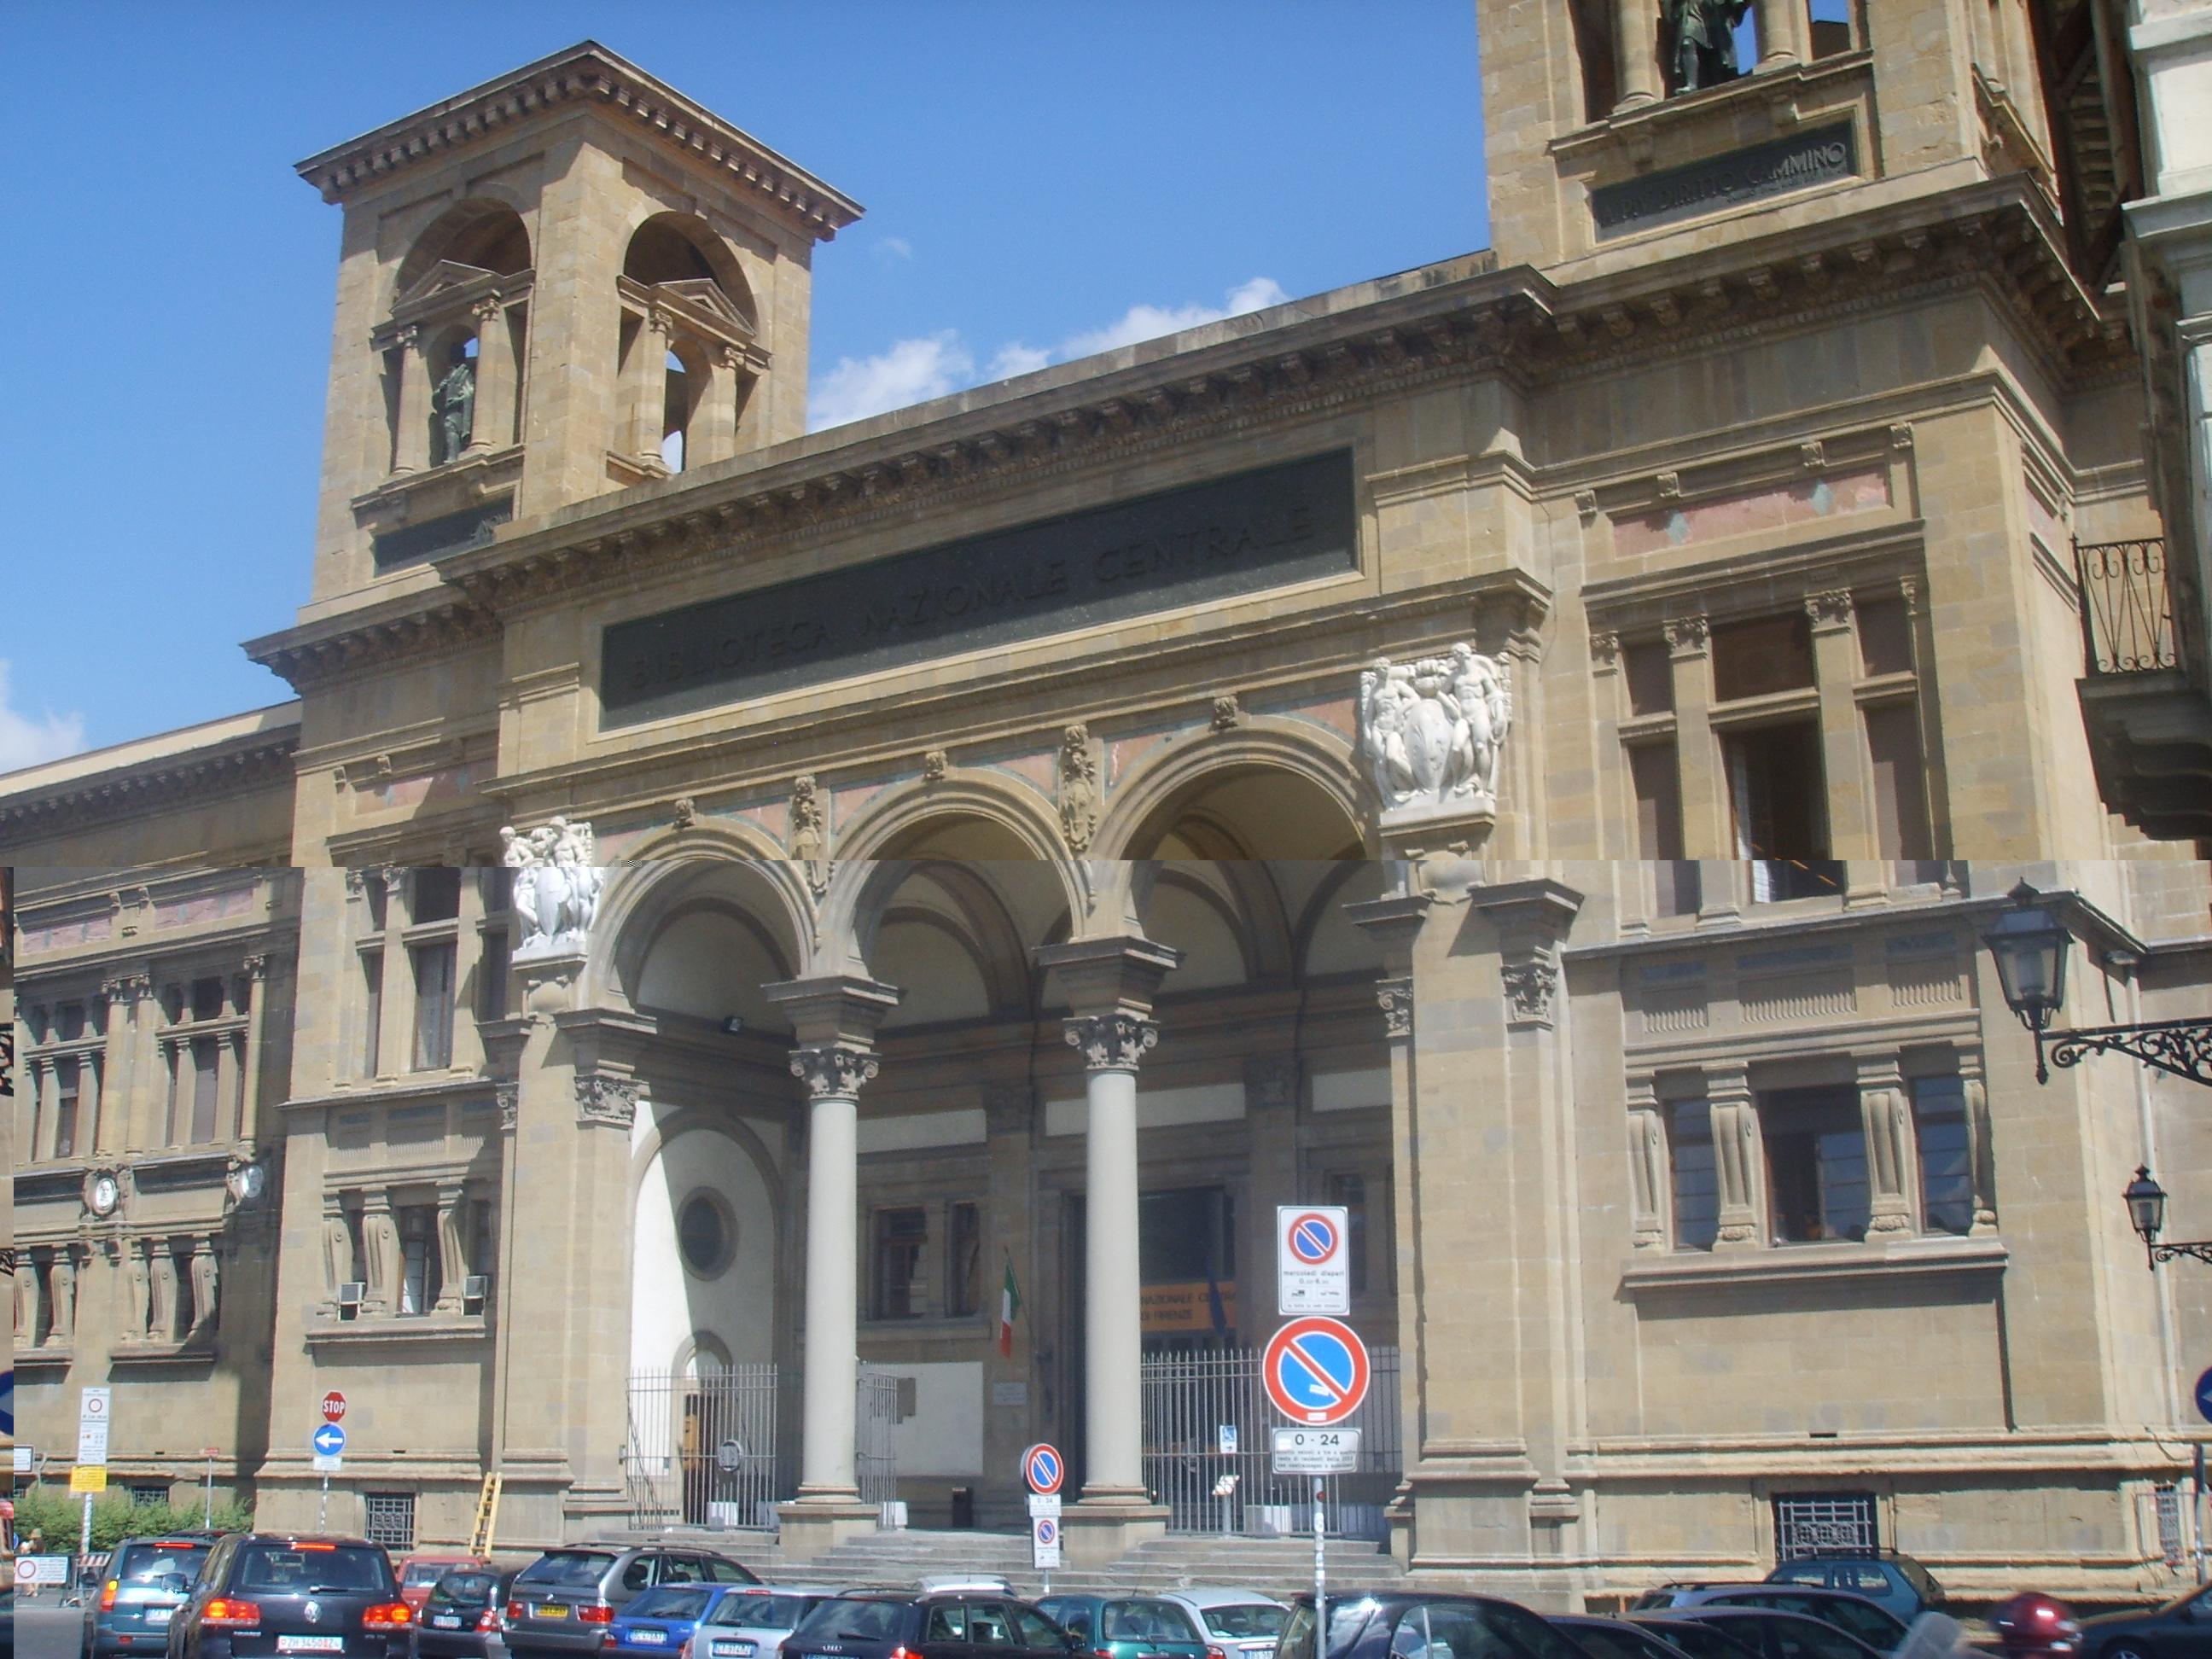 Biblioteca_Nazionale_Centrale_di_Firenze